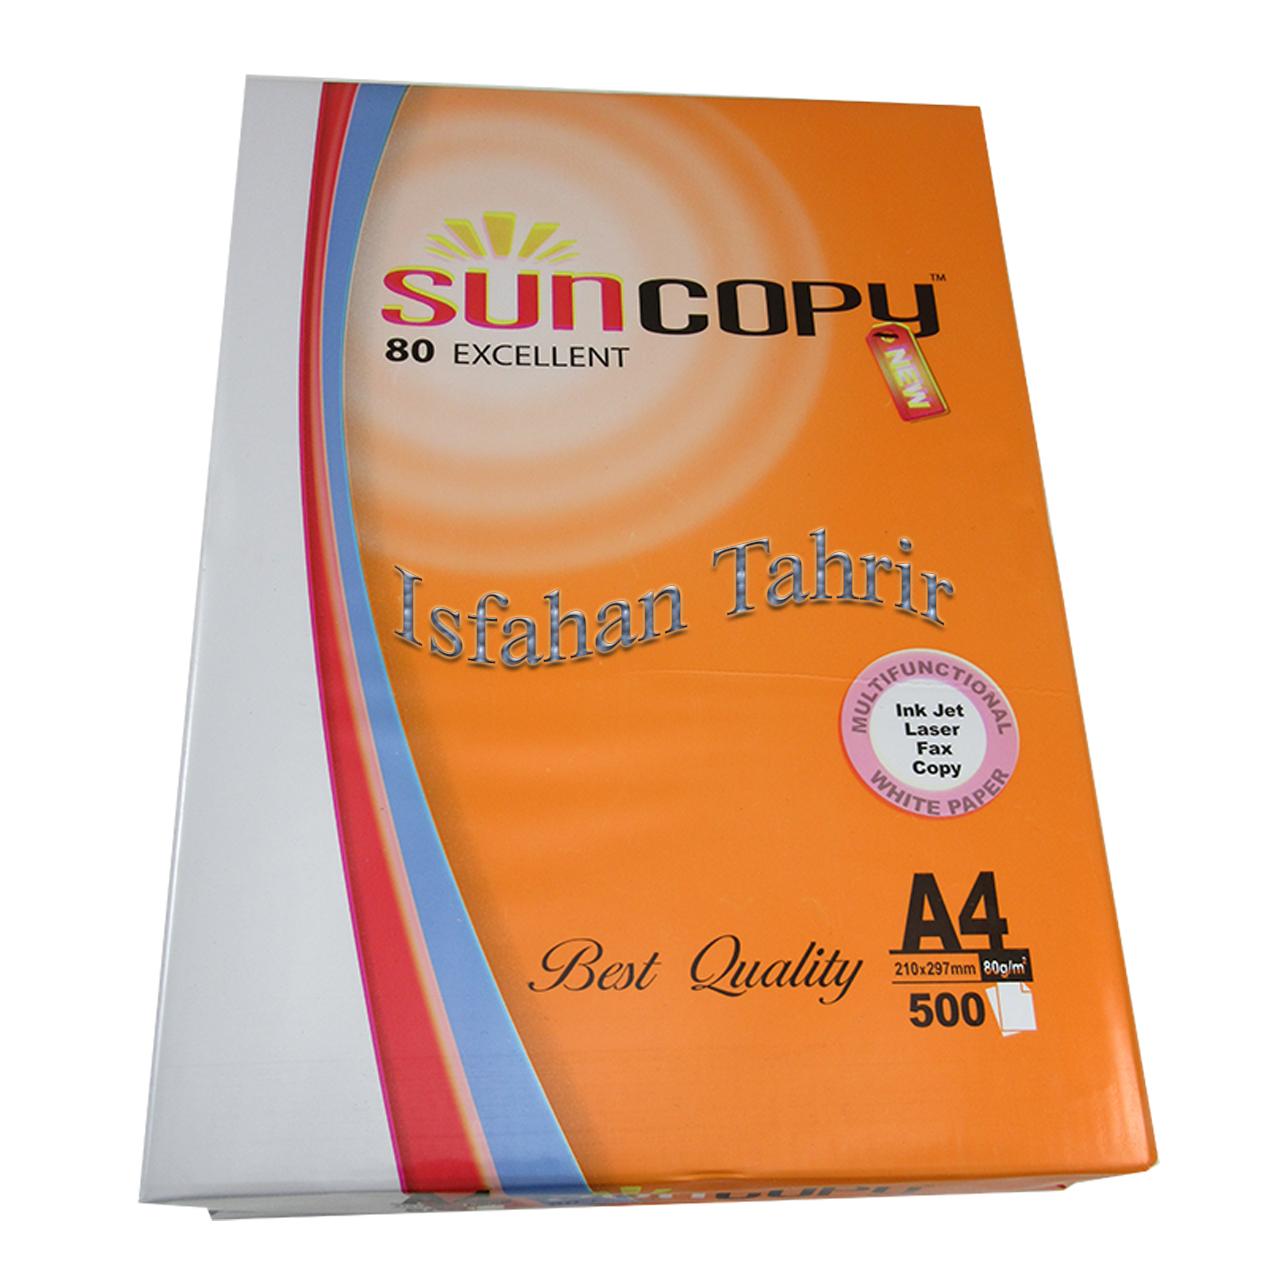 کاغذ A4 سان کپی (sun copy)